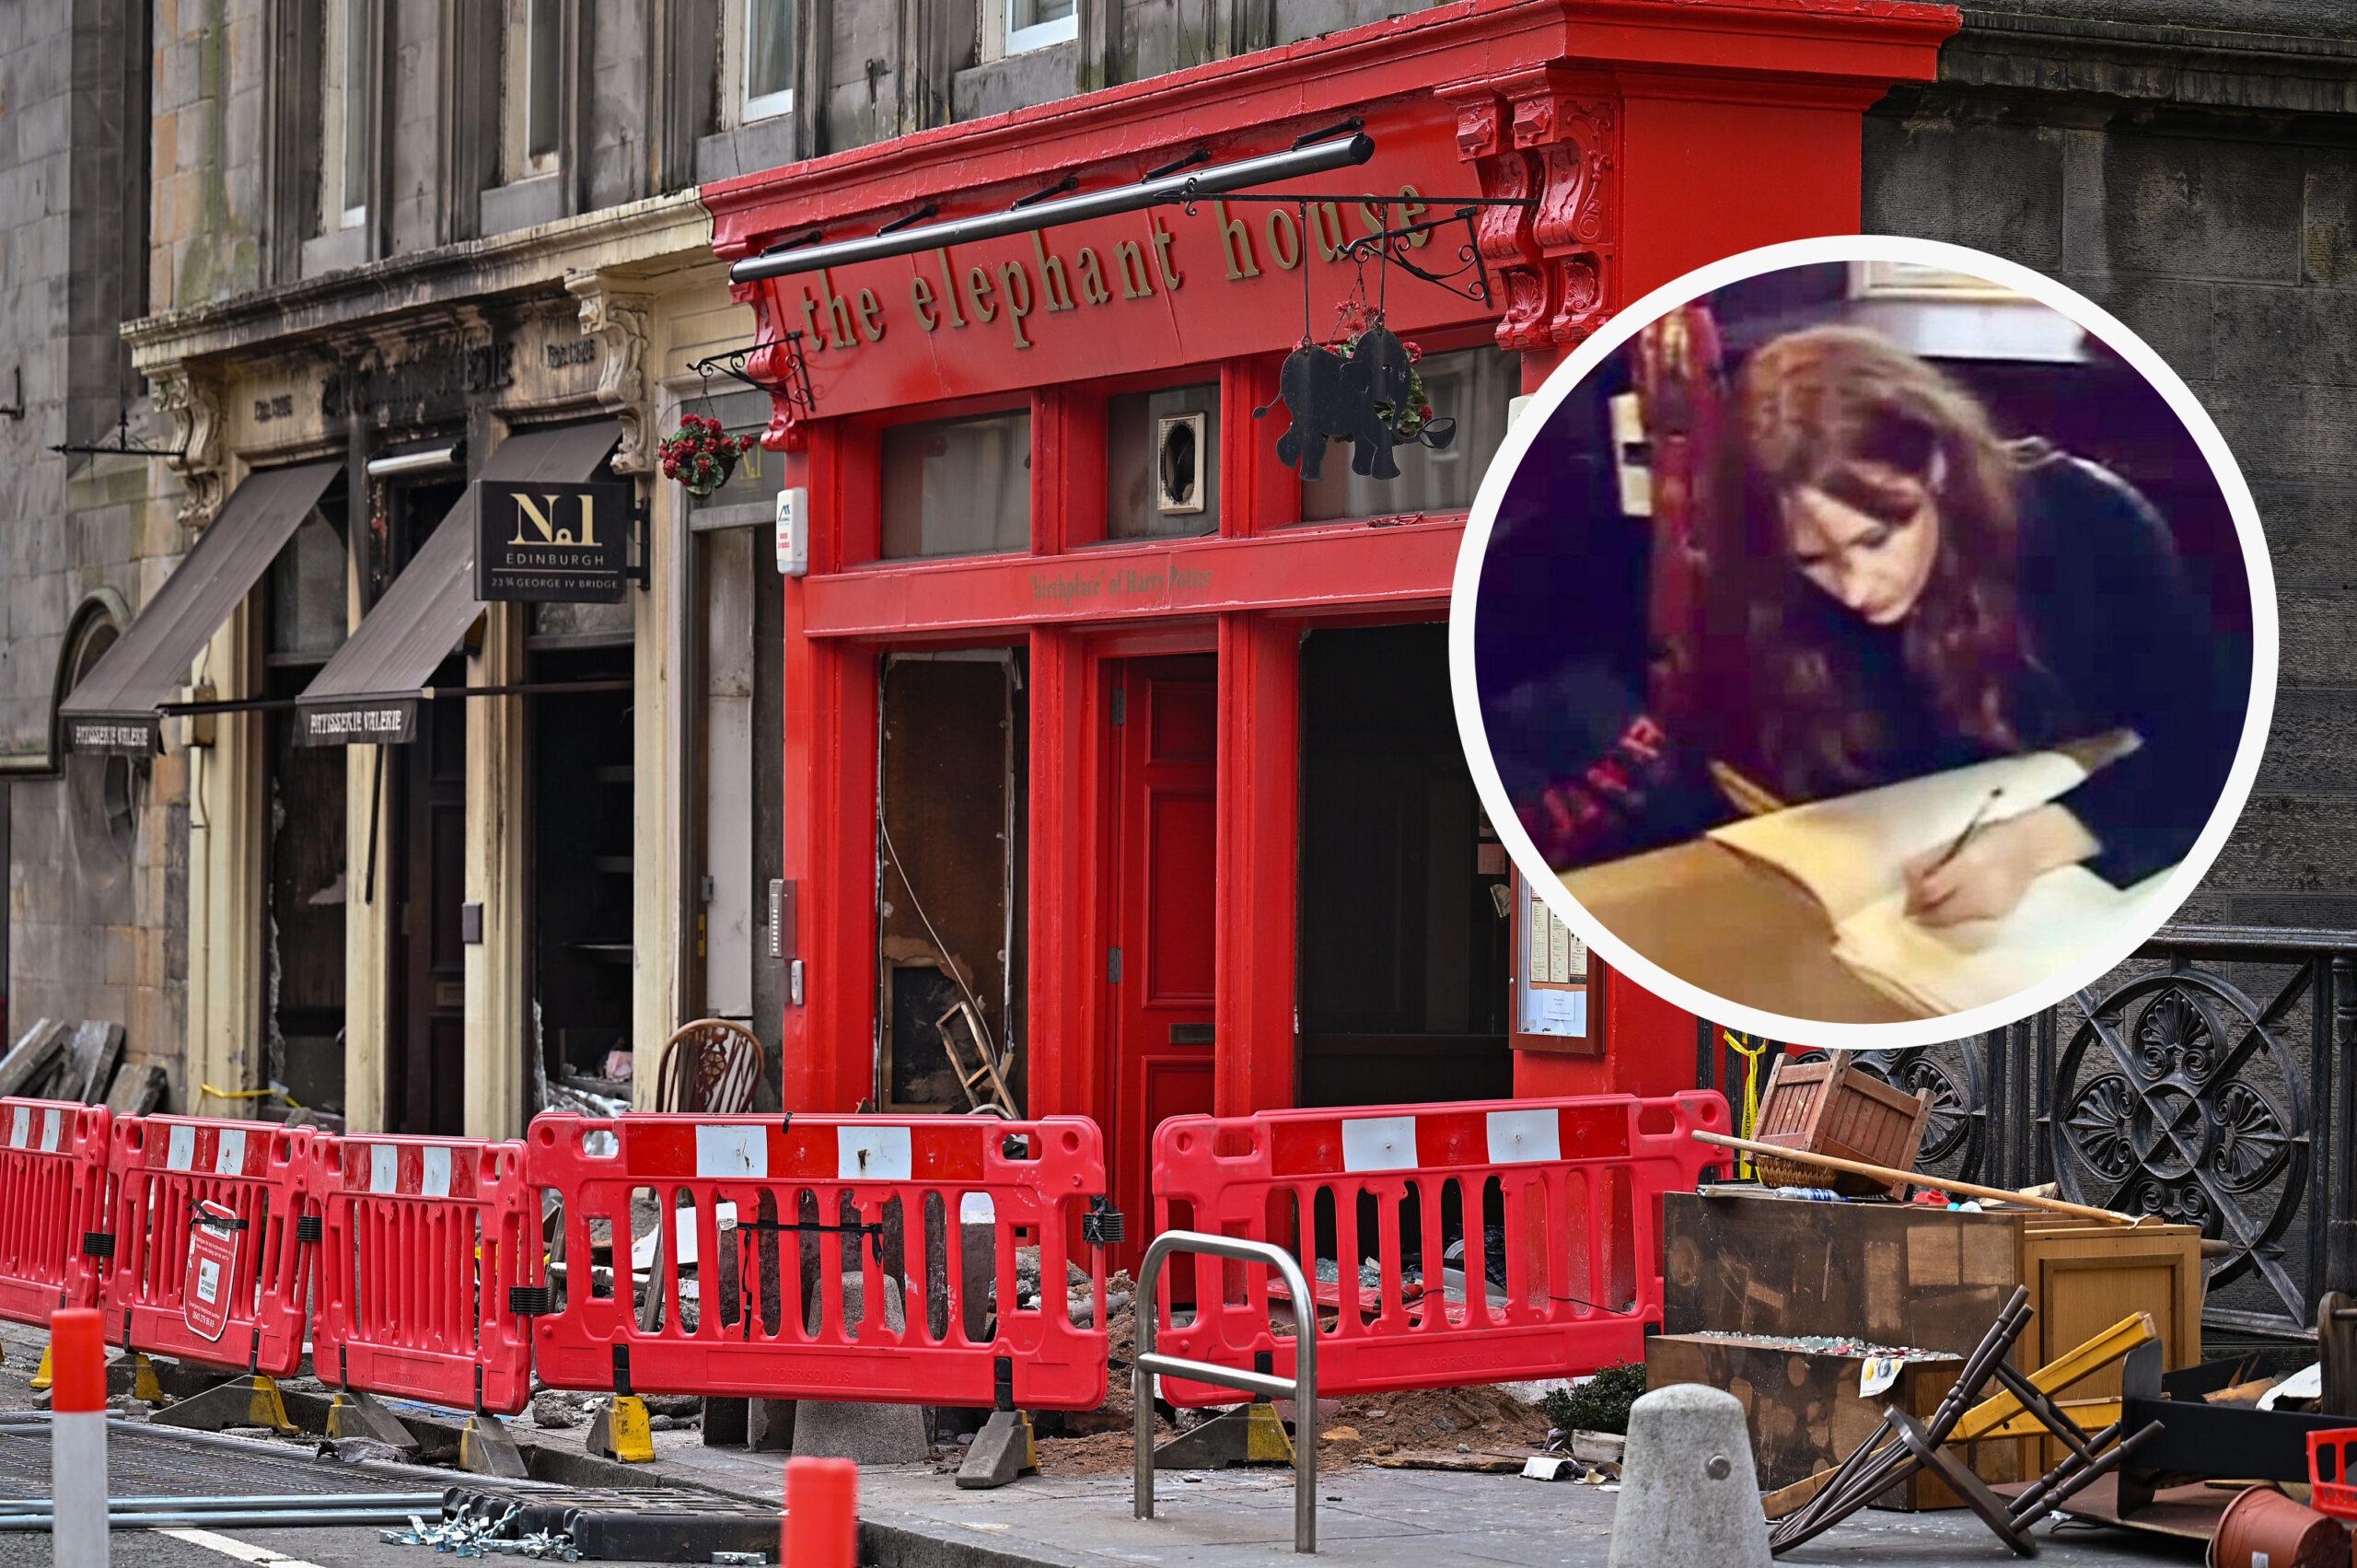 Сгорело кафе, в котором Джоан Роулинг писала первую книгу о Гарри Поттере